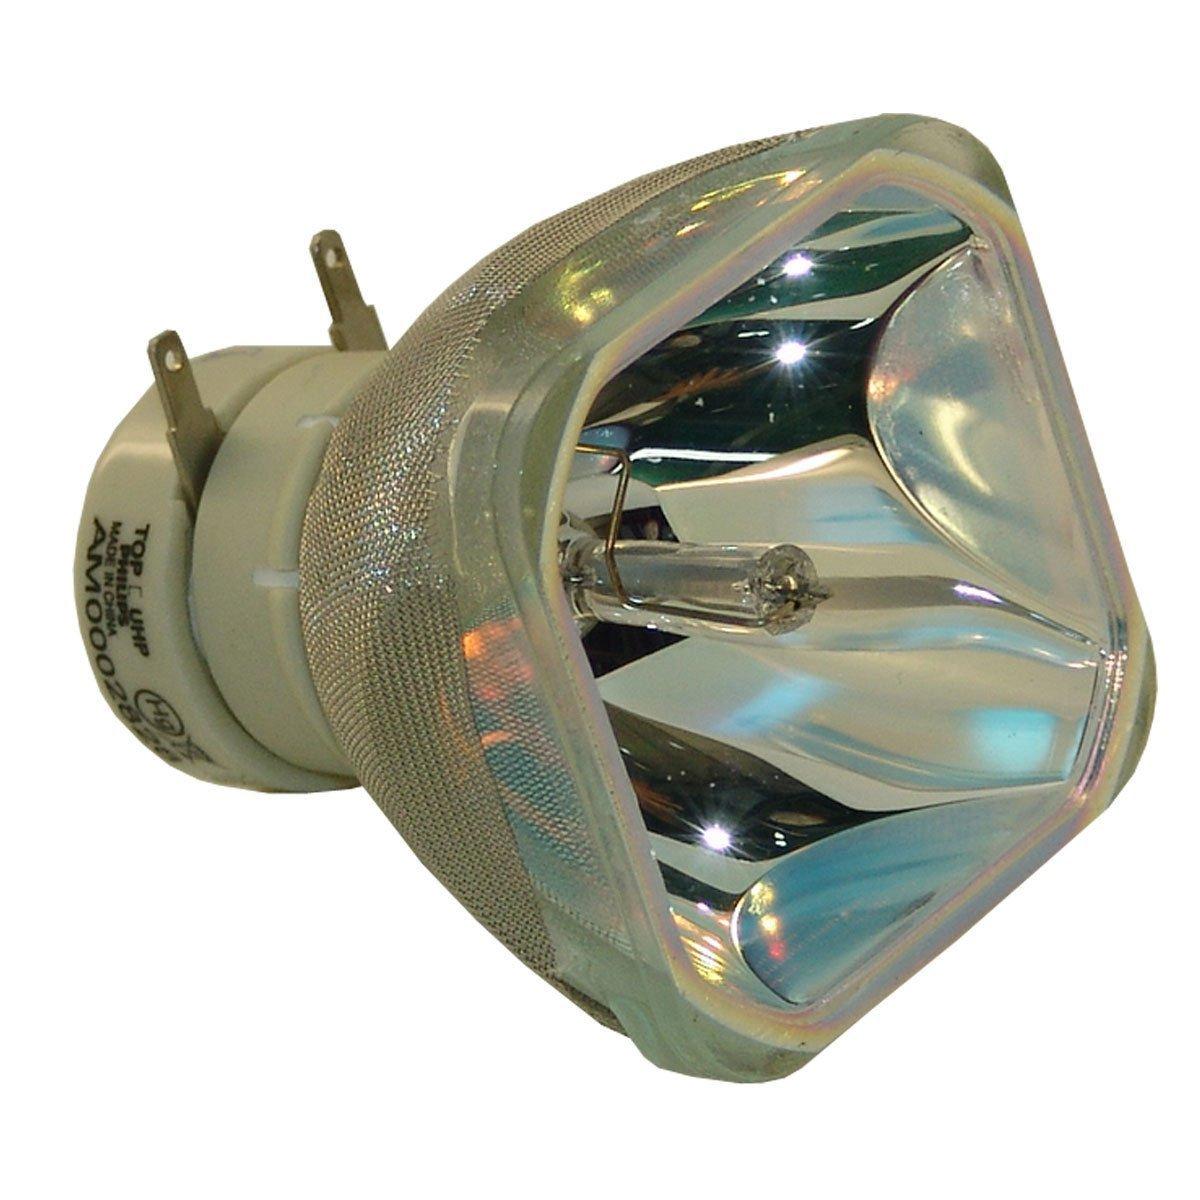 Compatible Bulb POA-LMP132 LMP132 POA-LMP142 LMP142 for Sanyo PLC-XD2200 PLC-XD2600 PLC-XK2200 PLC-XK3010 Projector Bulb Lamp compatible projector lamp sanyo 6103497518 poa lm142 plc wk2500 plc xd2200 plc xd2600c plc xe34 plc xk2200 plc xk2600 plc xk3010